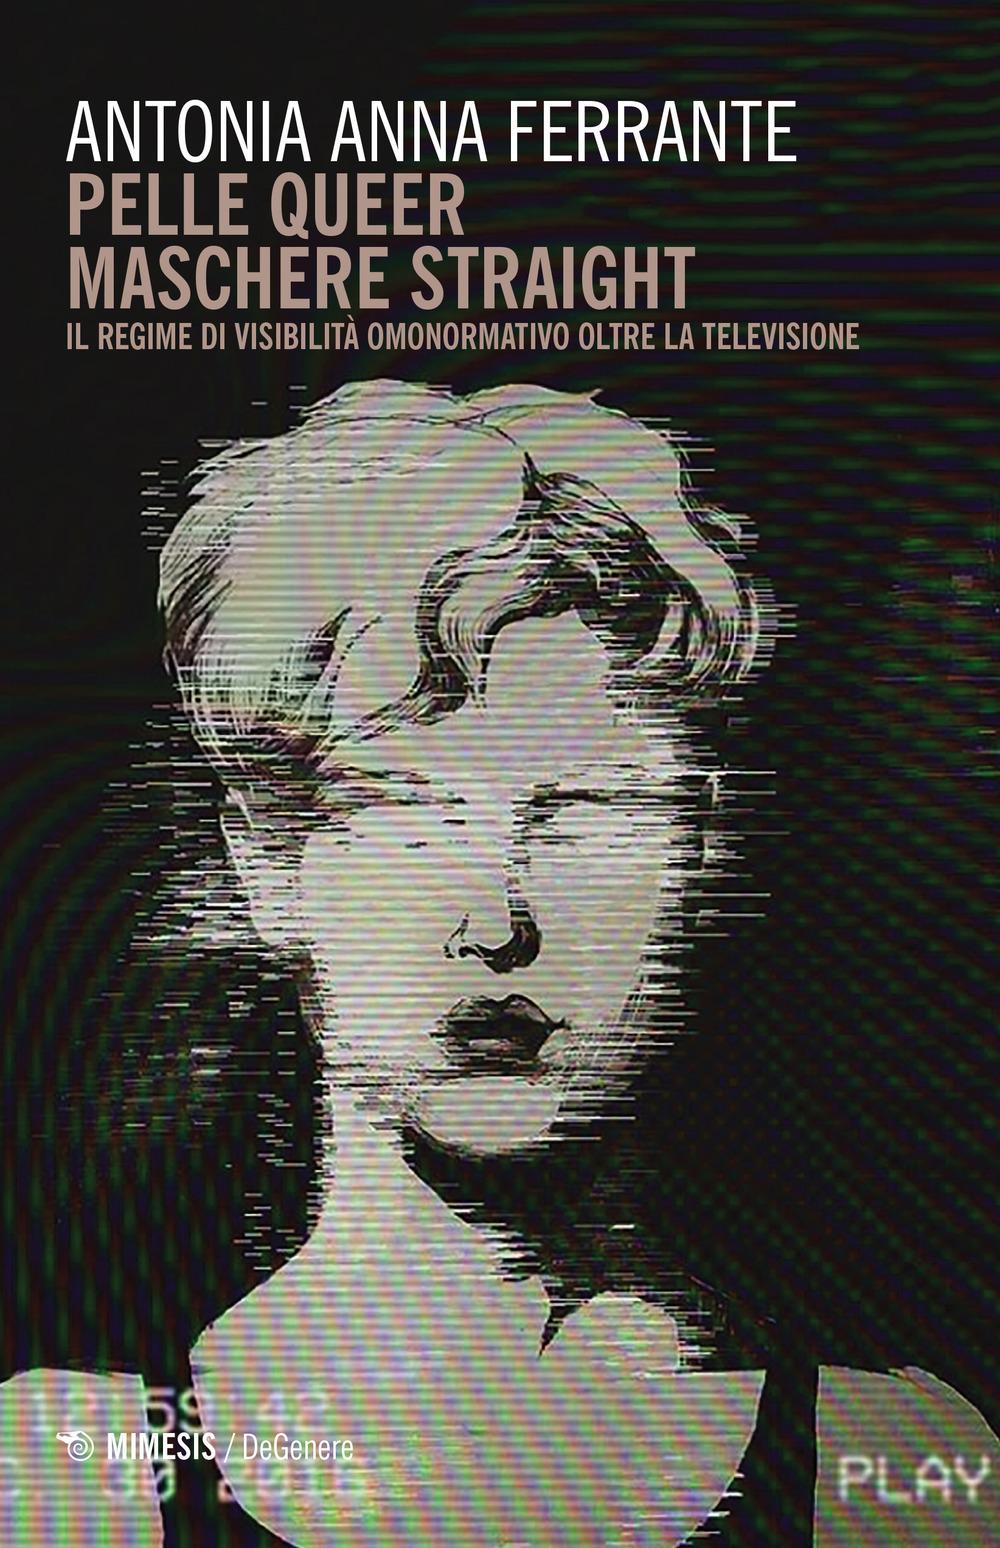 Pelle queer maschere straight. Il regime di visibilità omonormativo oltre la televisione